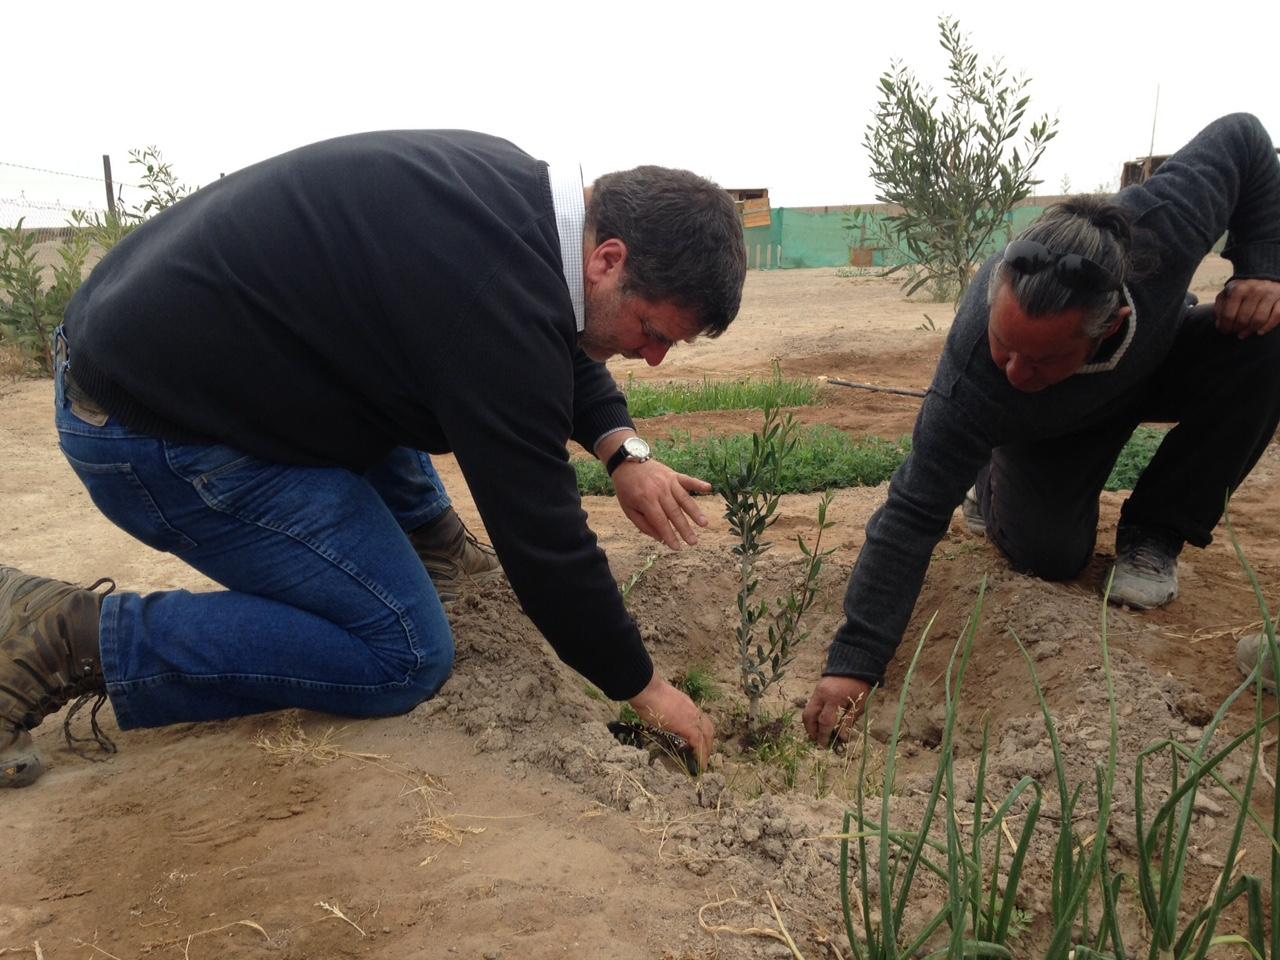 AES Gener obtiene el Premio al Buen Ciudadano mención innovación por programa desarrollado en Huasco